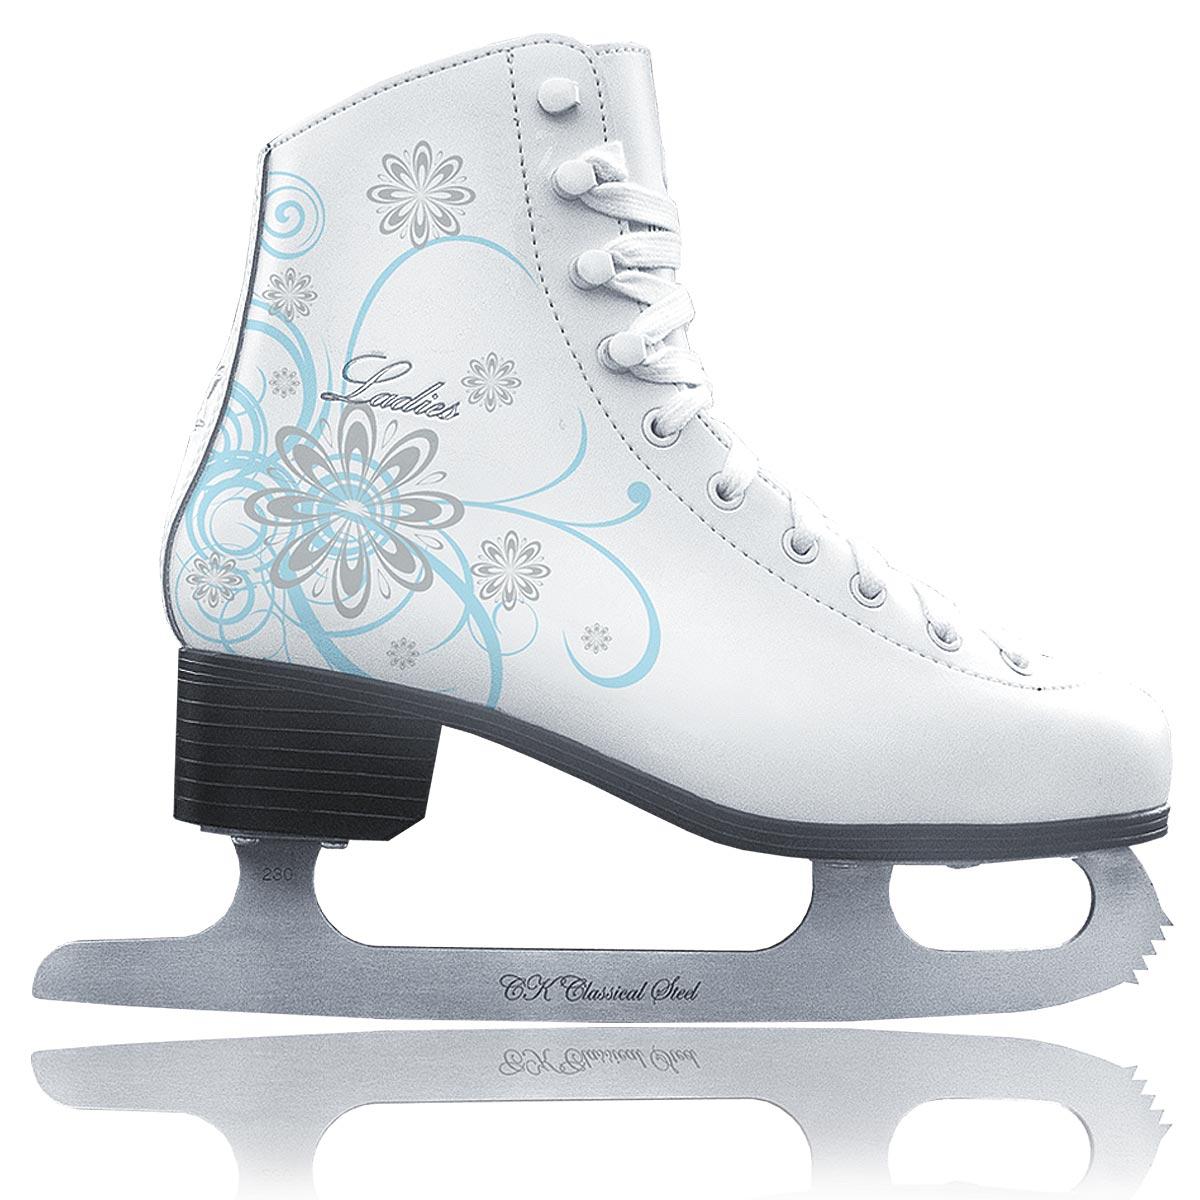 Коньки фигурные для девочки CK Ladies Velvet Classic, цвет: белый, голубой, серебряный. Размер 33Ladies Velvet Classic_белый, голубой, серебряный_33